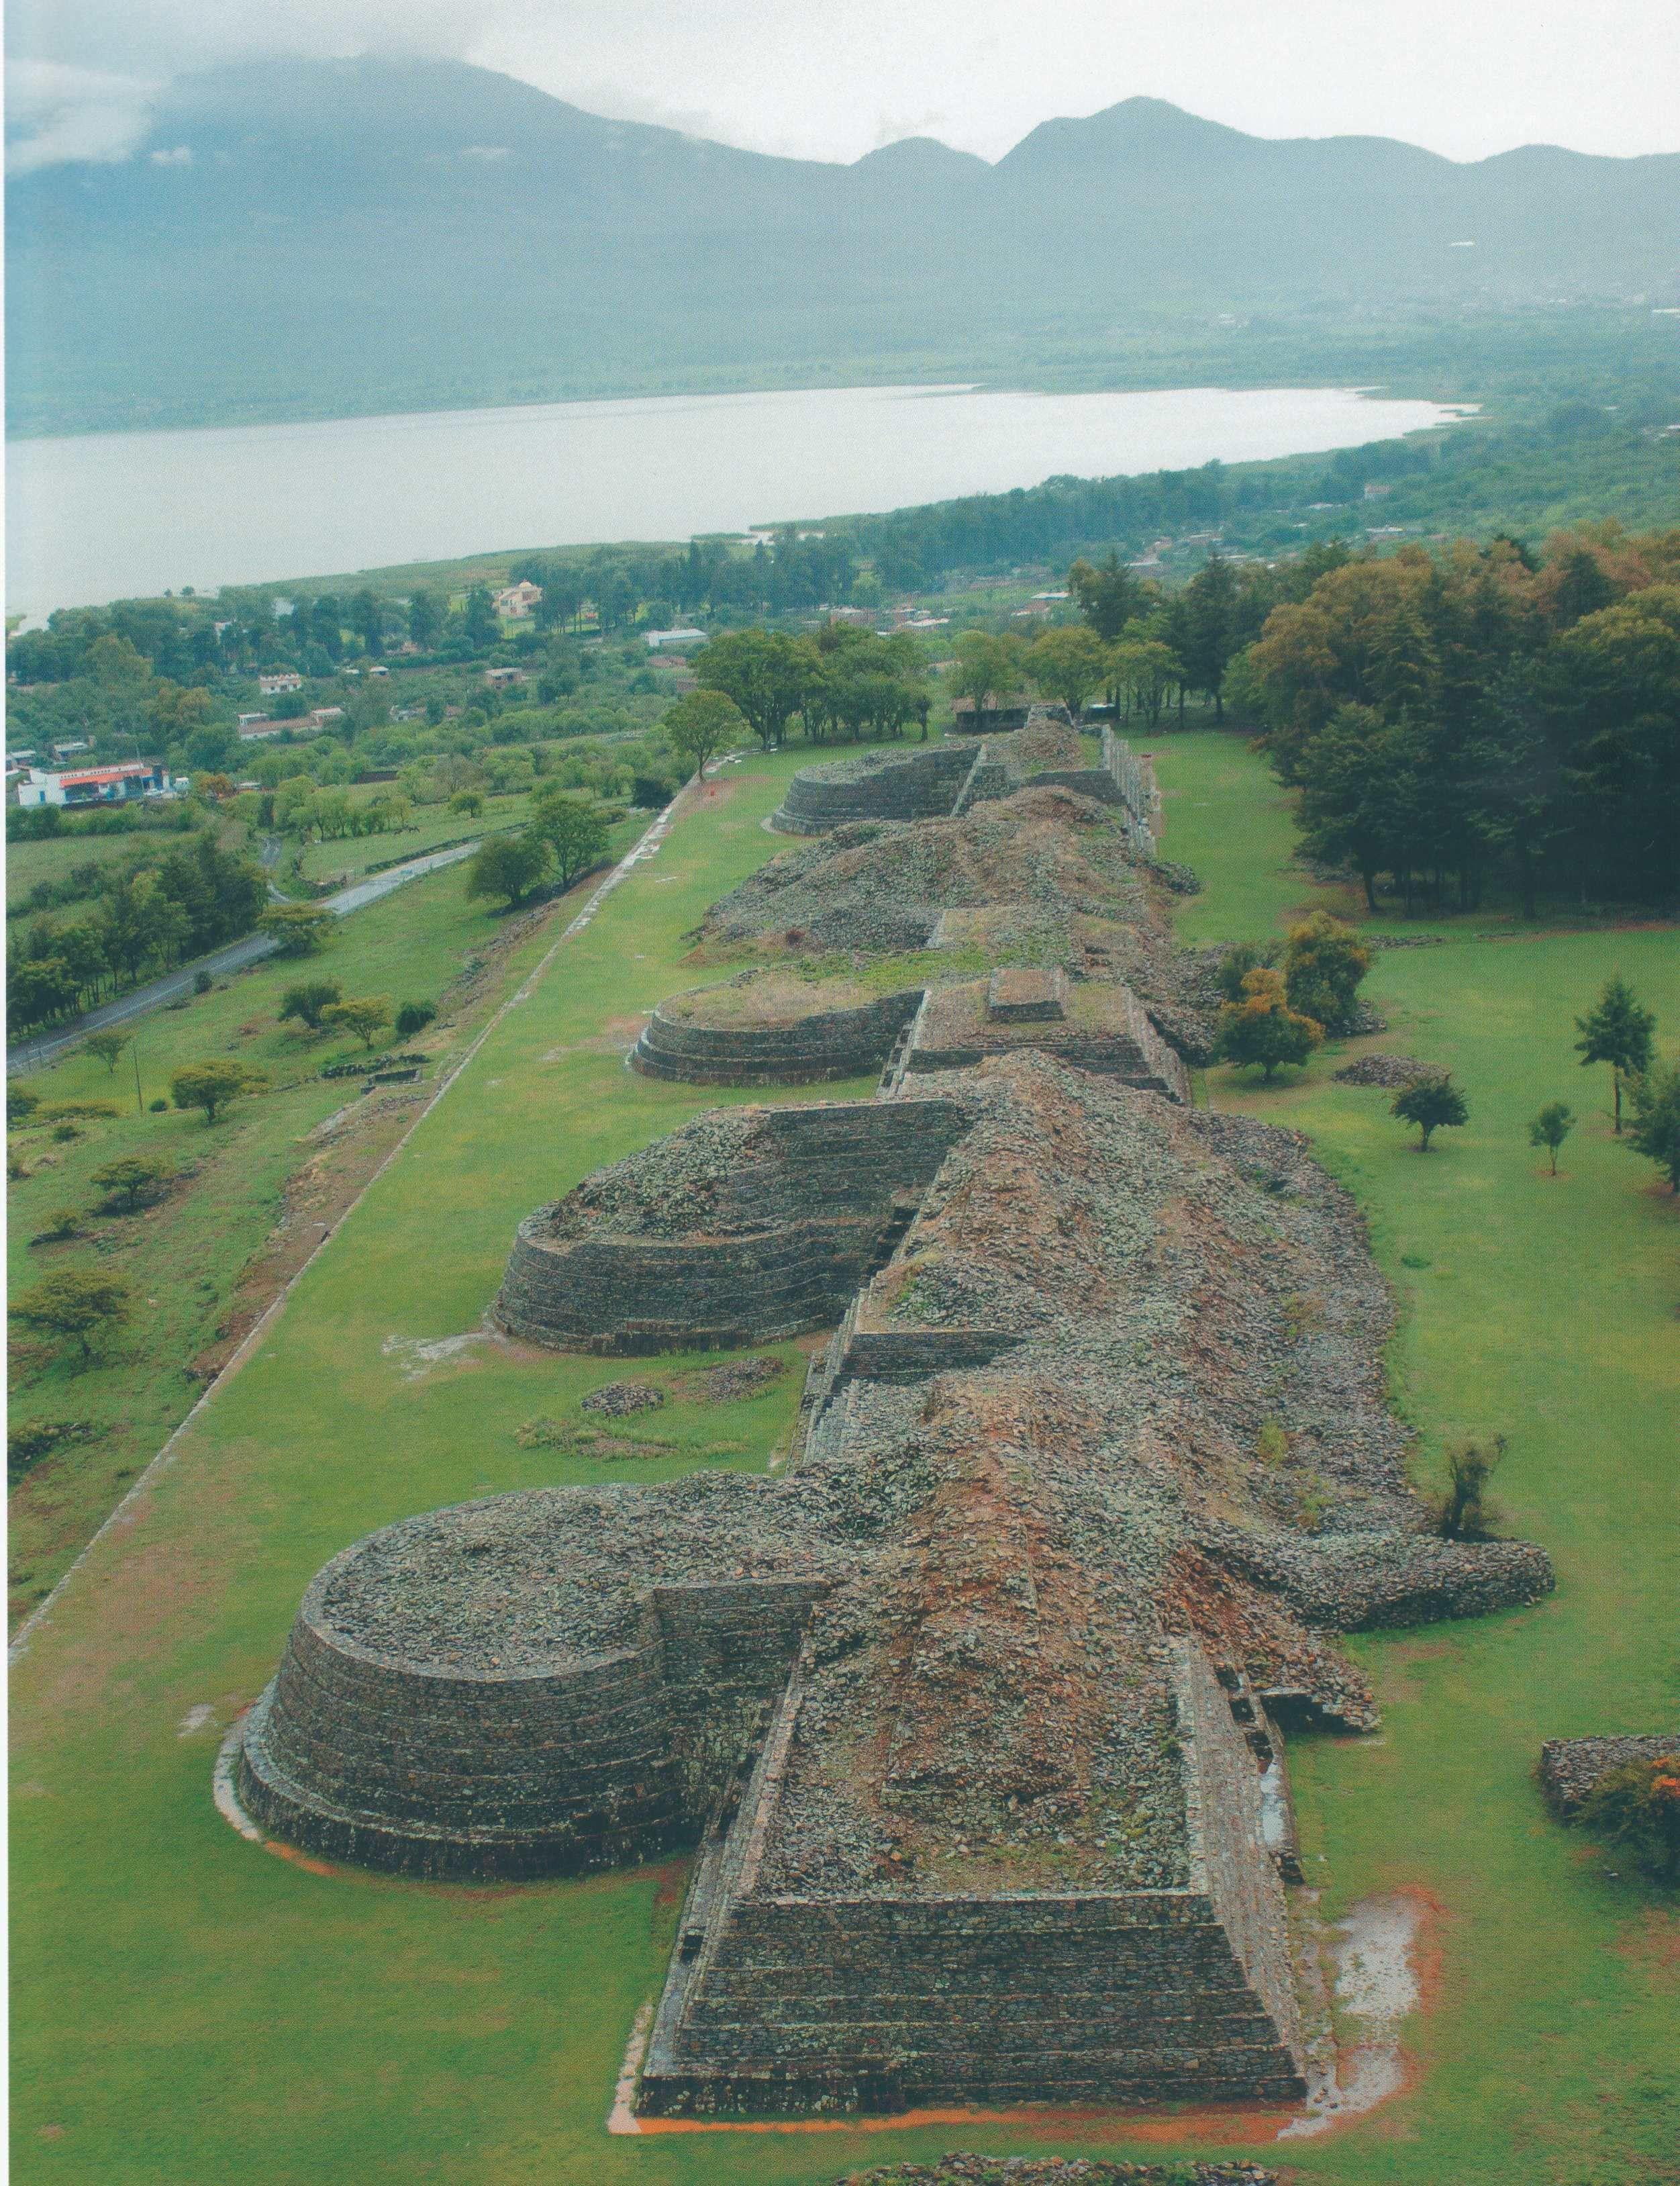 Zonas arqueologicas de puebla yahoo dating